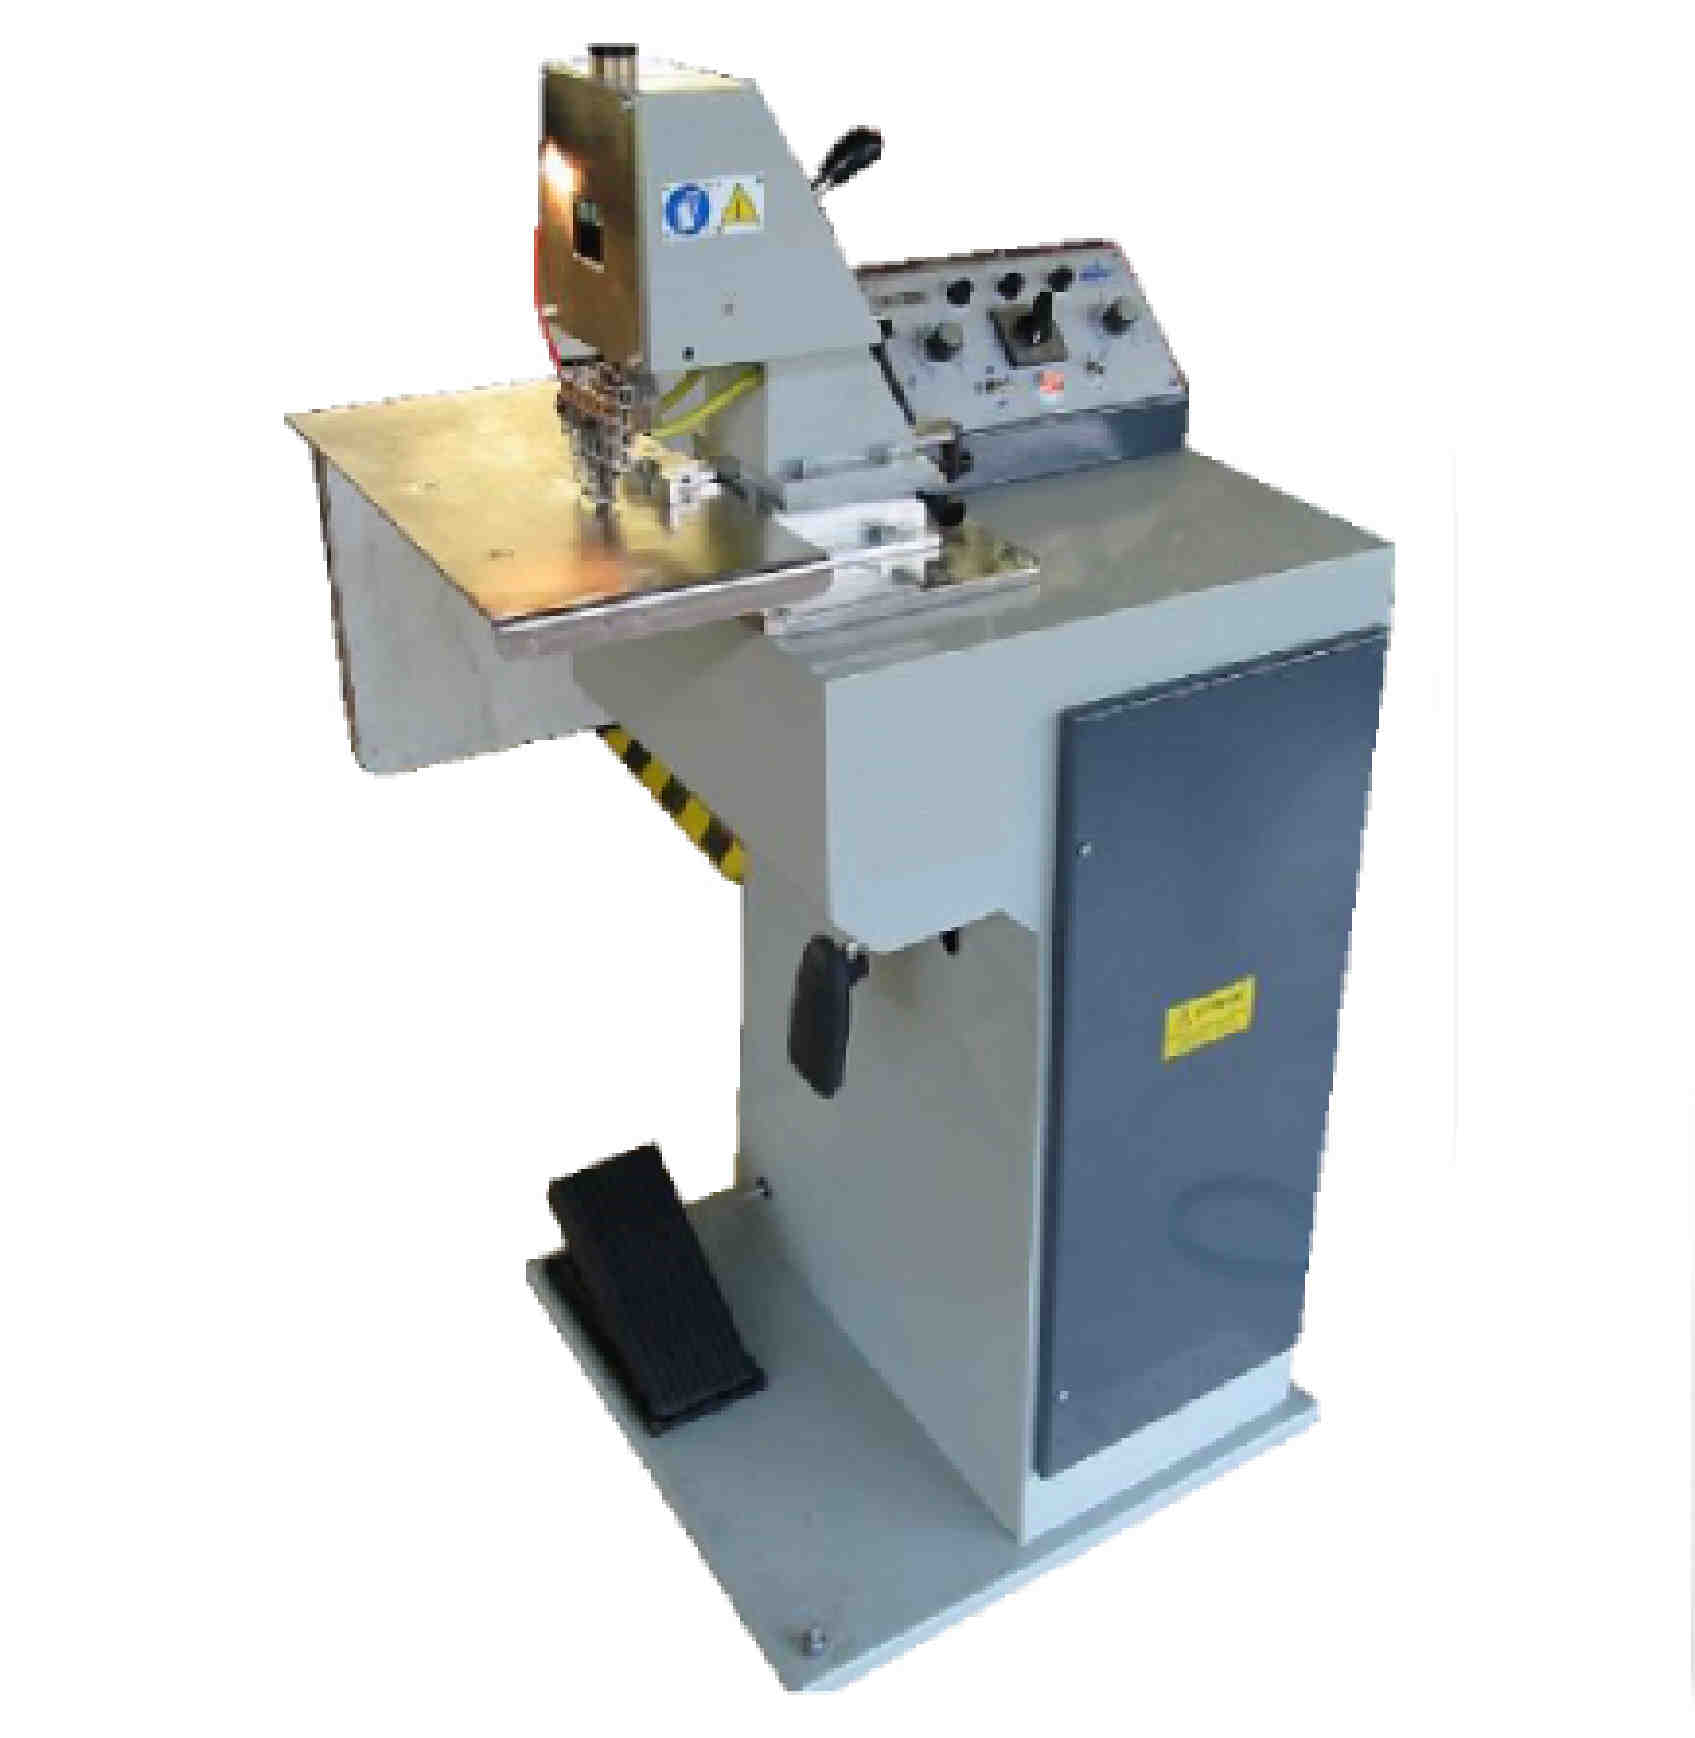 Machine permettant de réaliser à chaud et en continu des filets ou des ornements sur le cuir